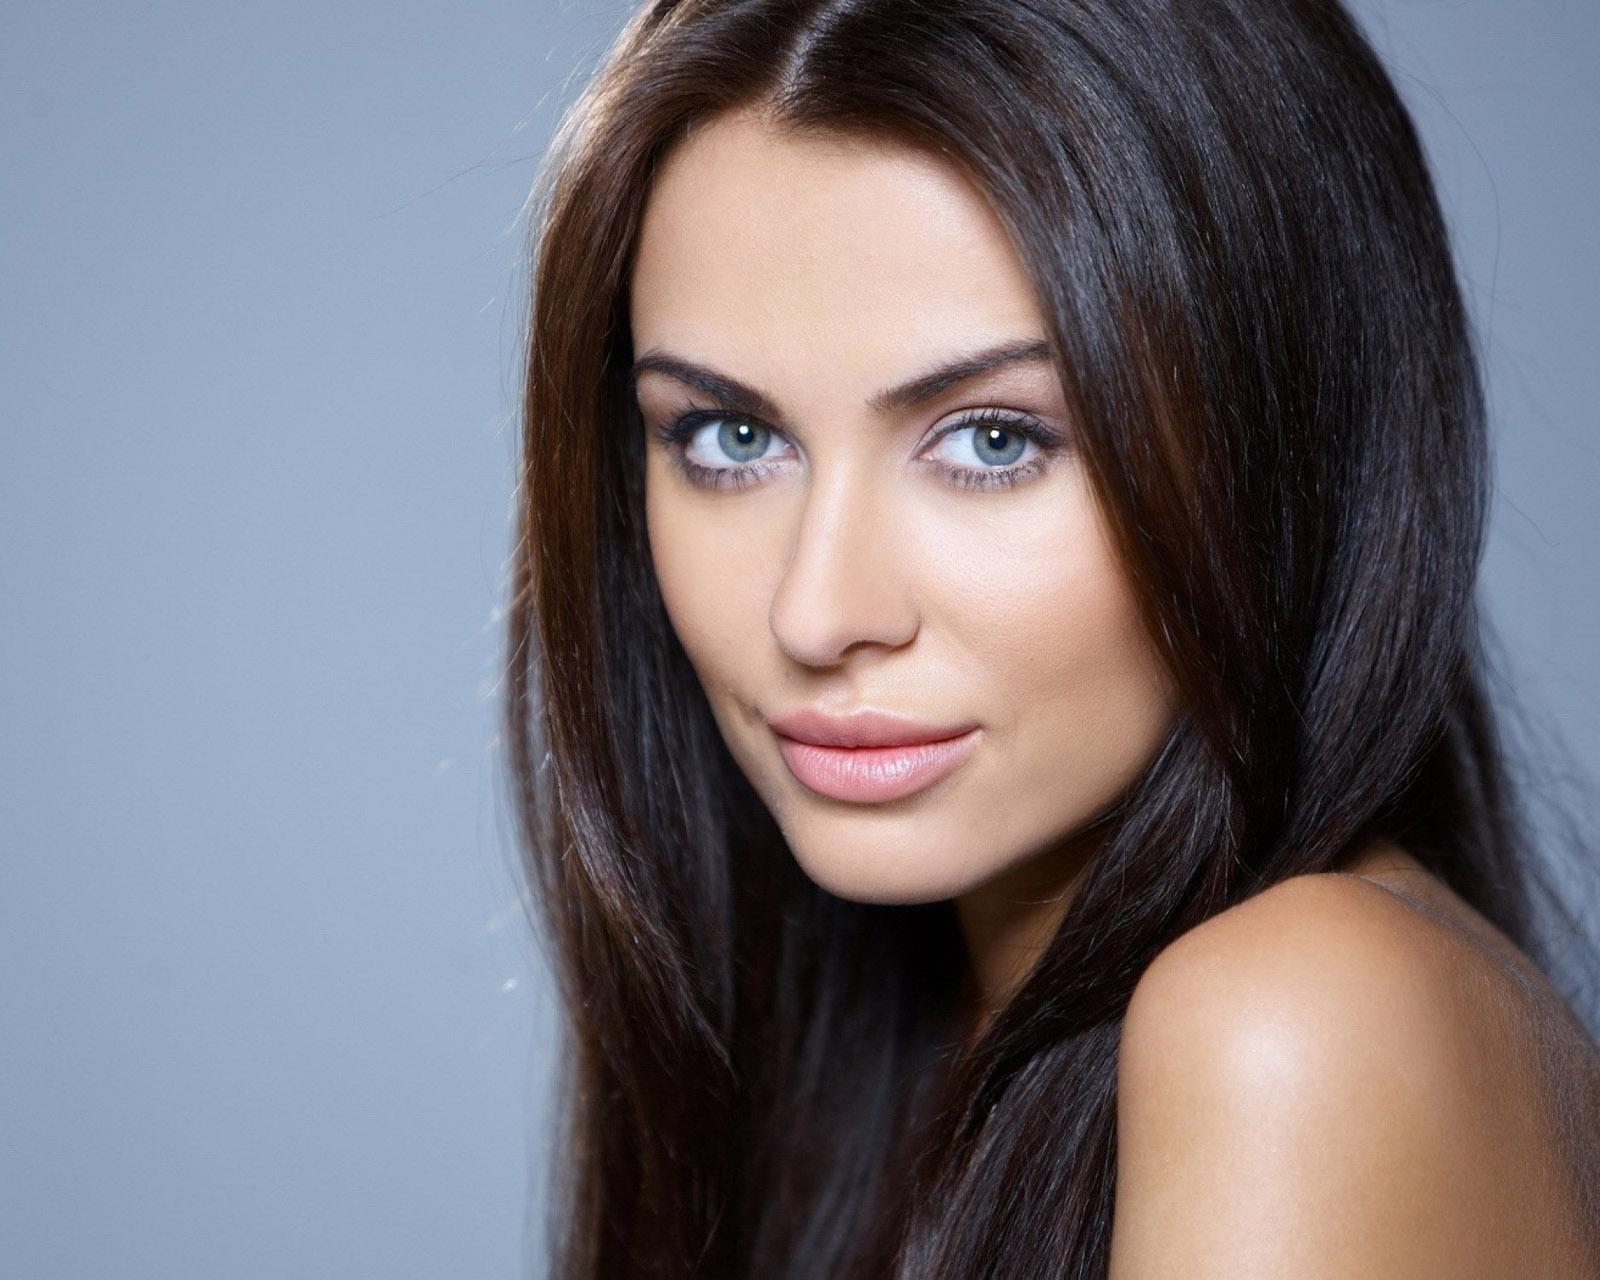 Pourquoi y at-il tant de mamans célibataires sur les sites de rencontres ukrainien rencontre des commentaires sur le site